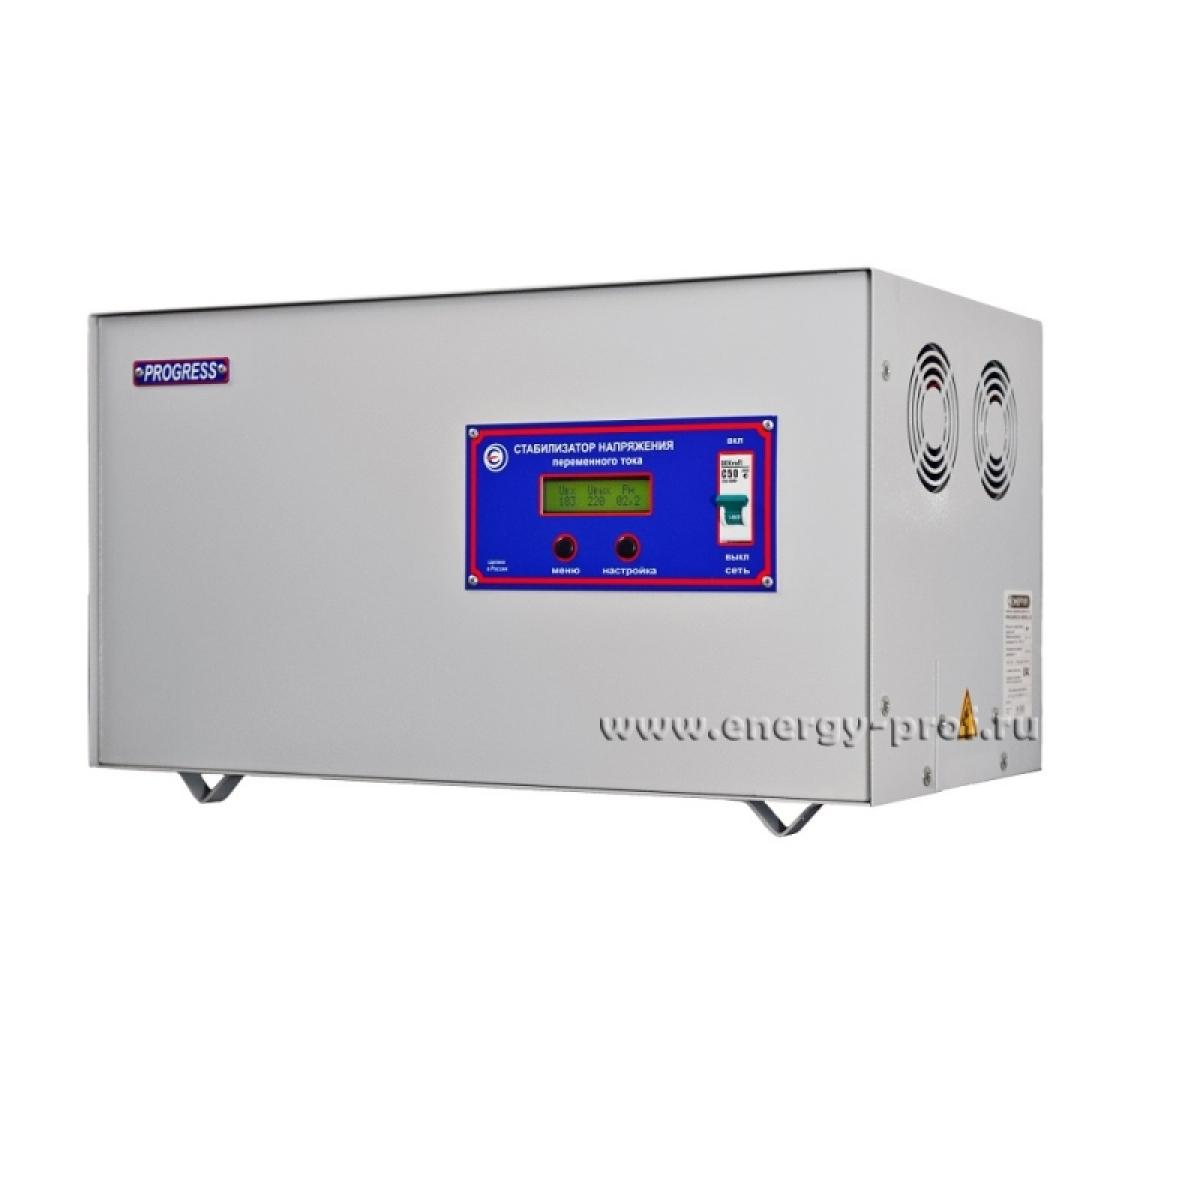 Однофазный стабилизатор PROGRESS 5000SL-20